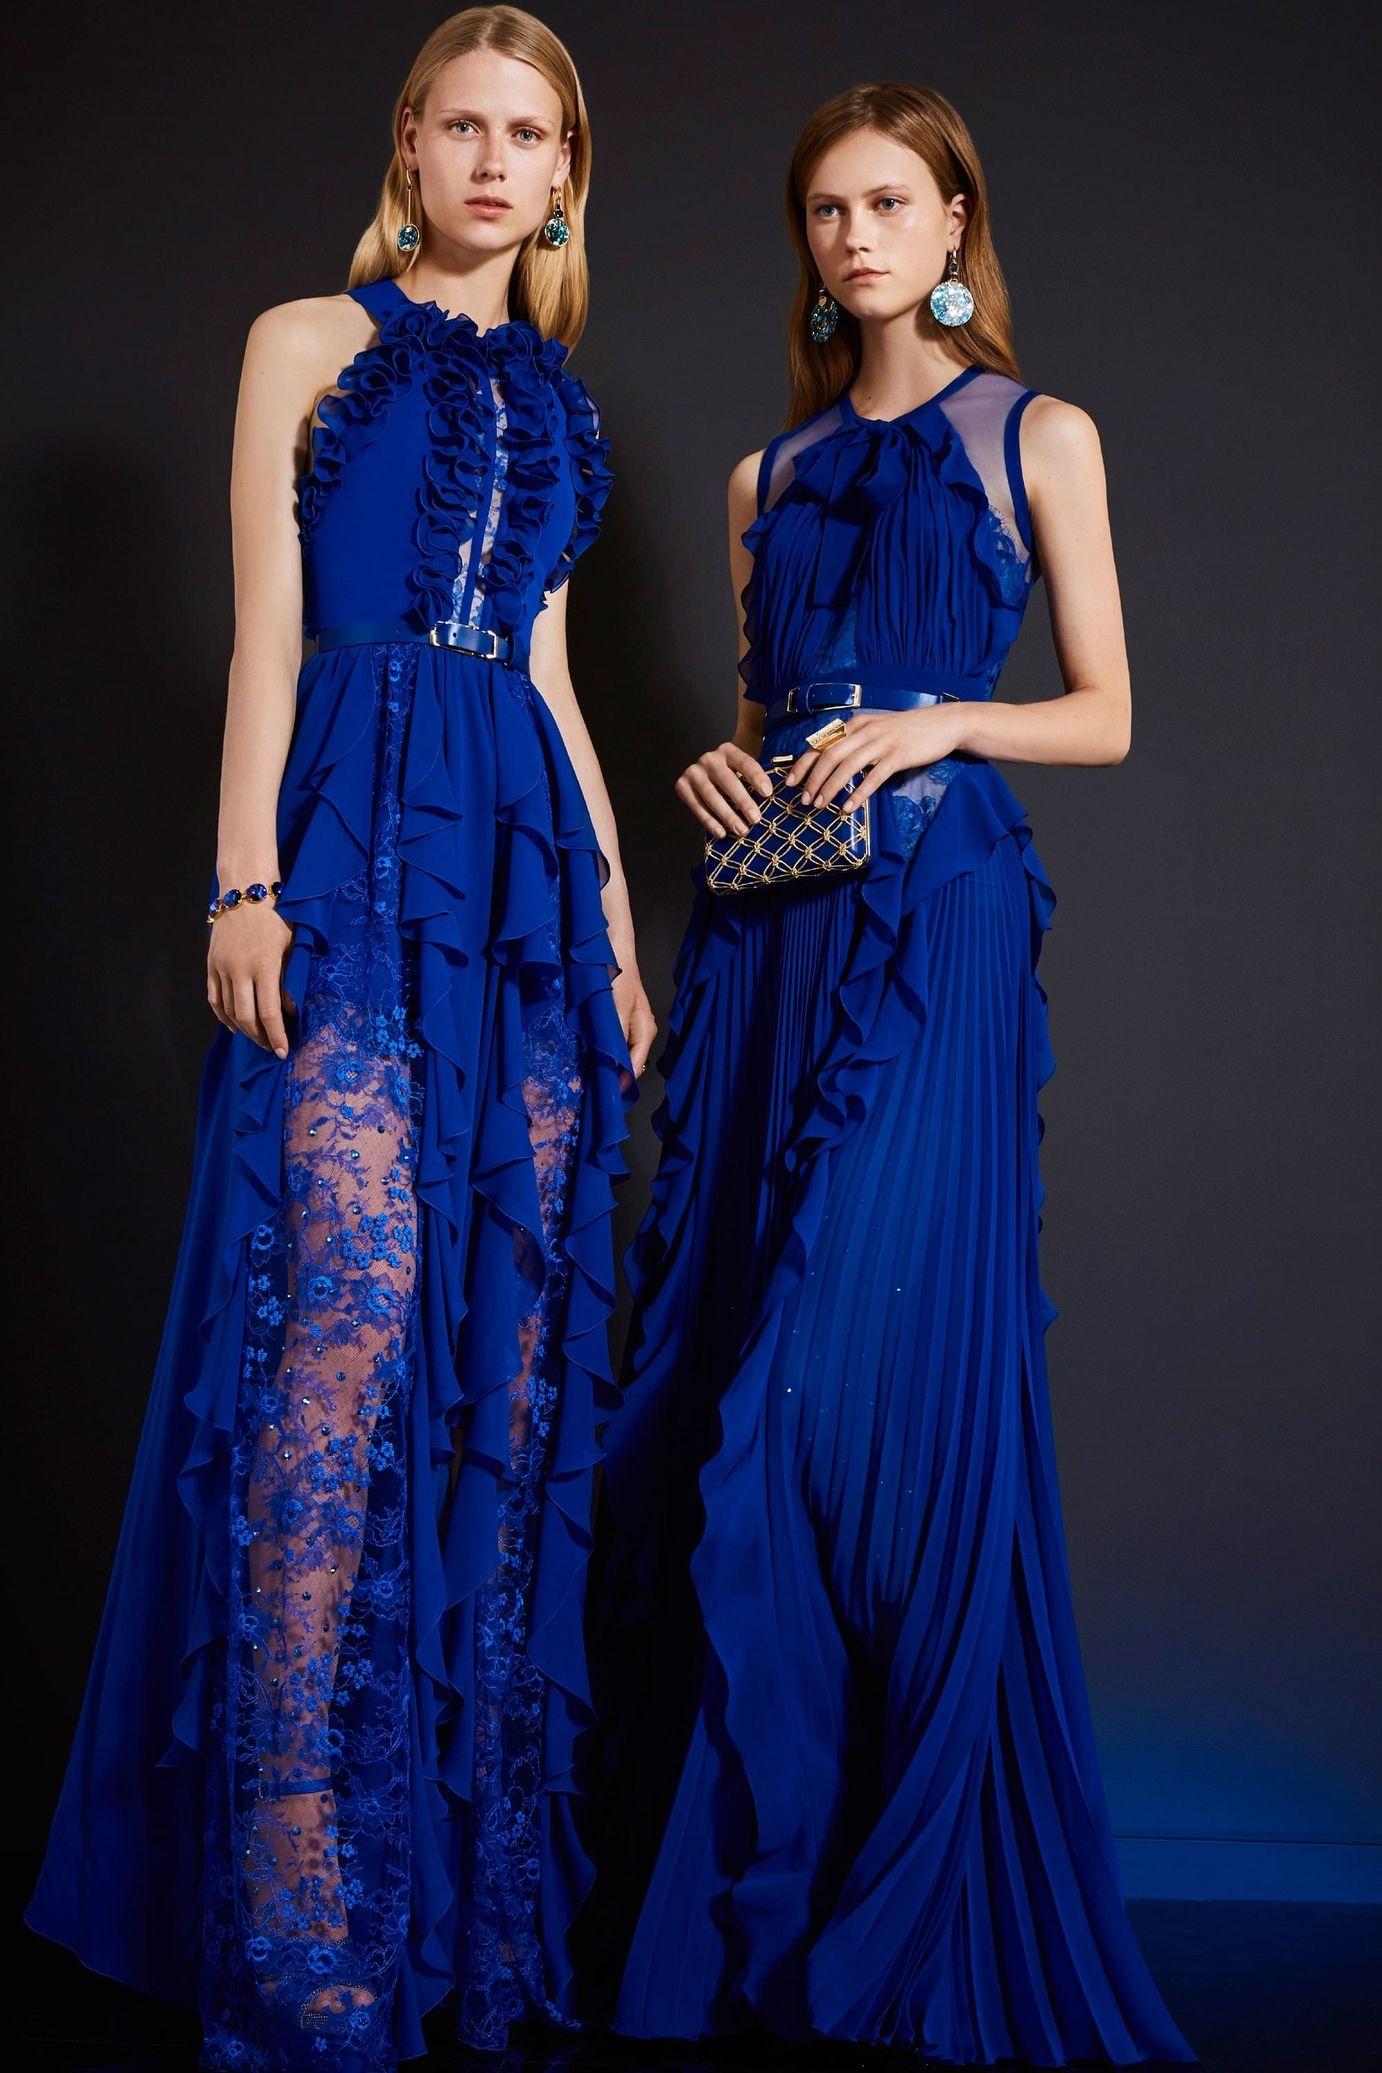 Défilé elie saab croisière couture fashion moda and couture